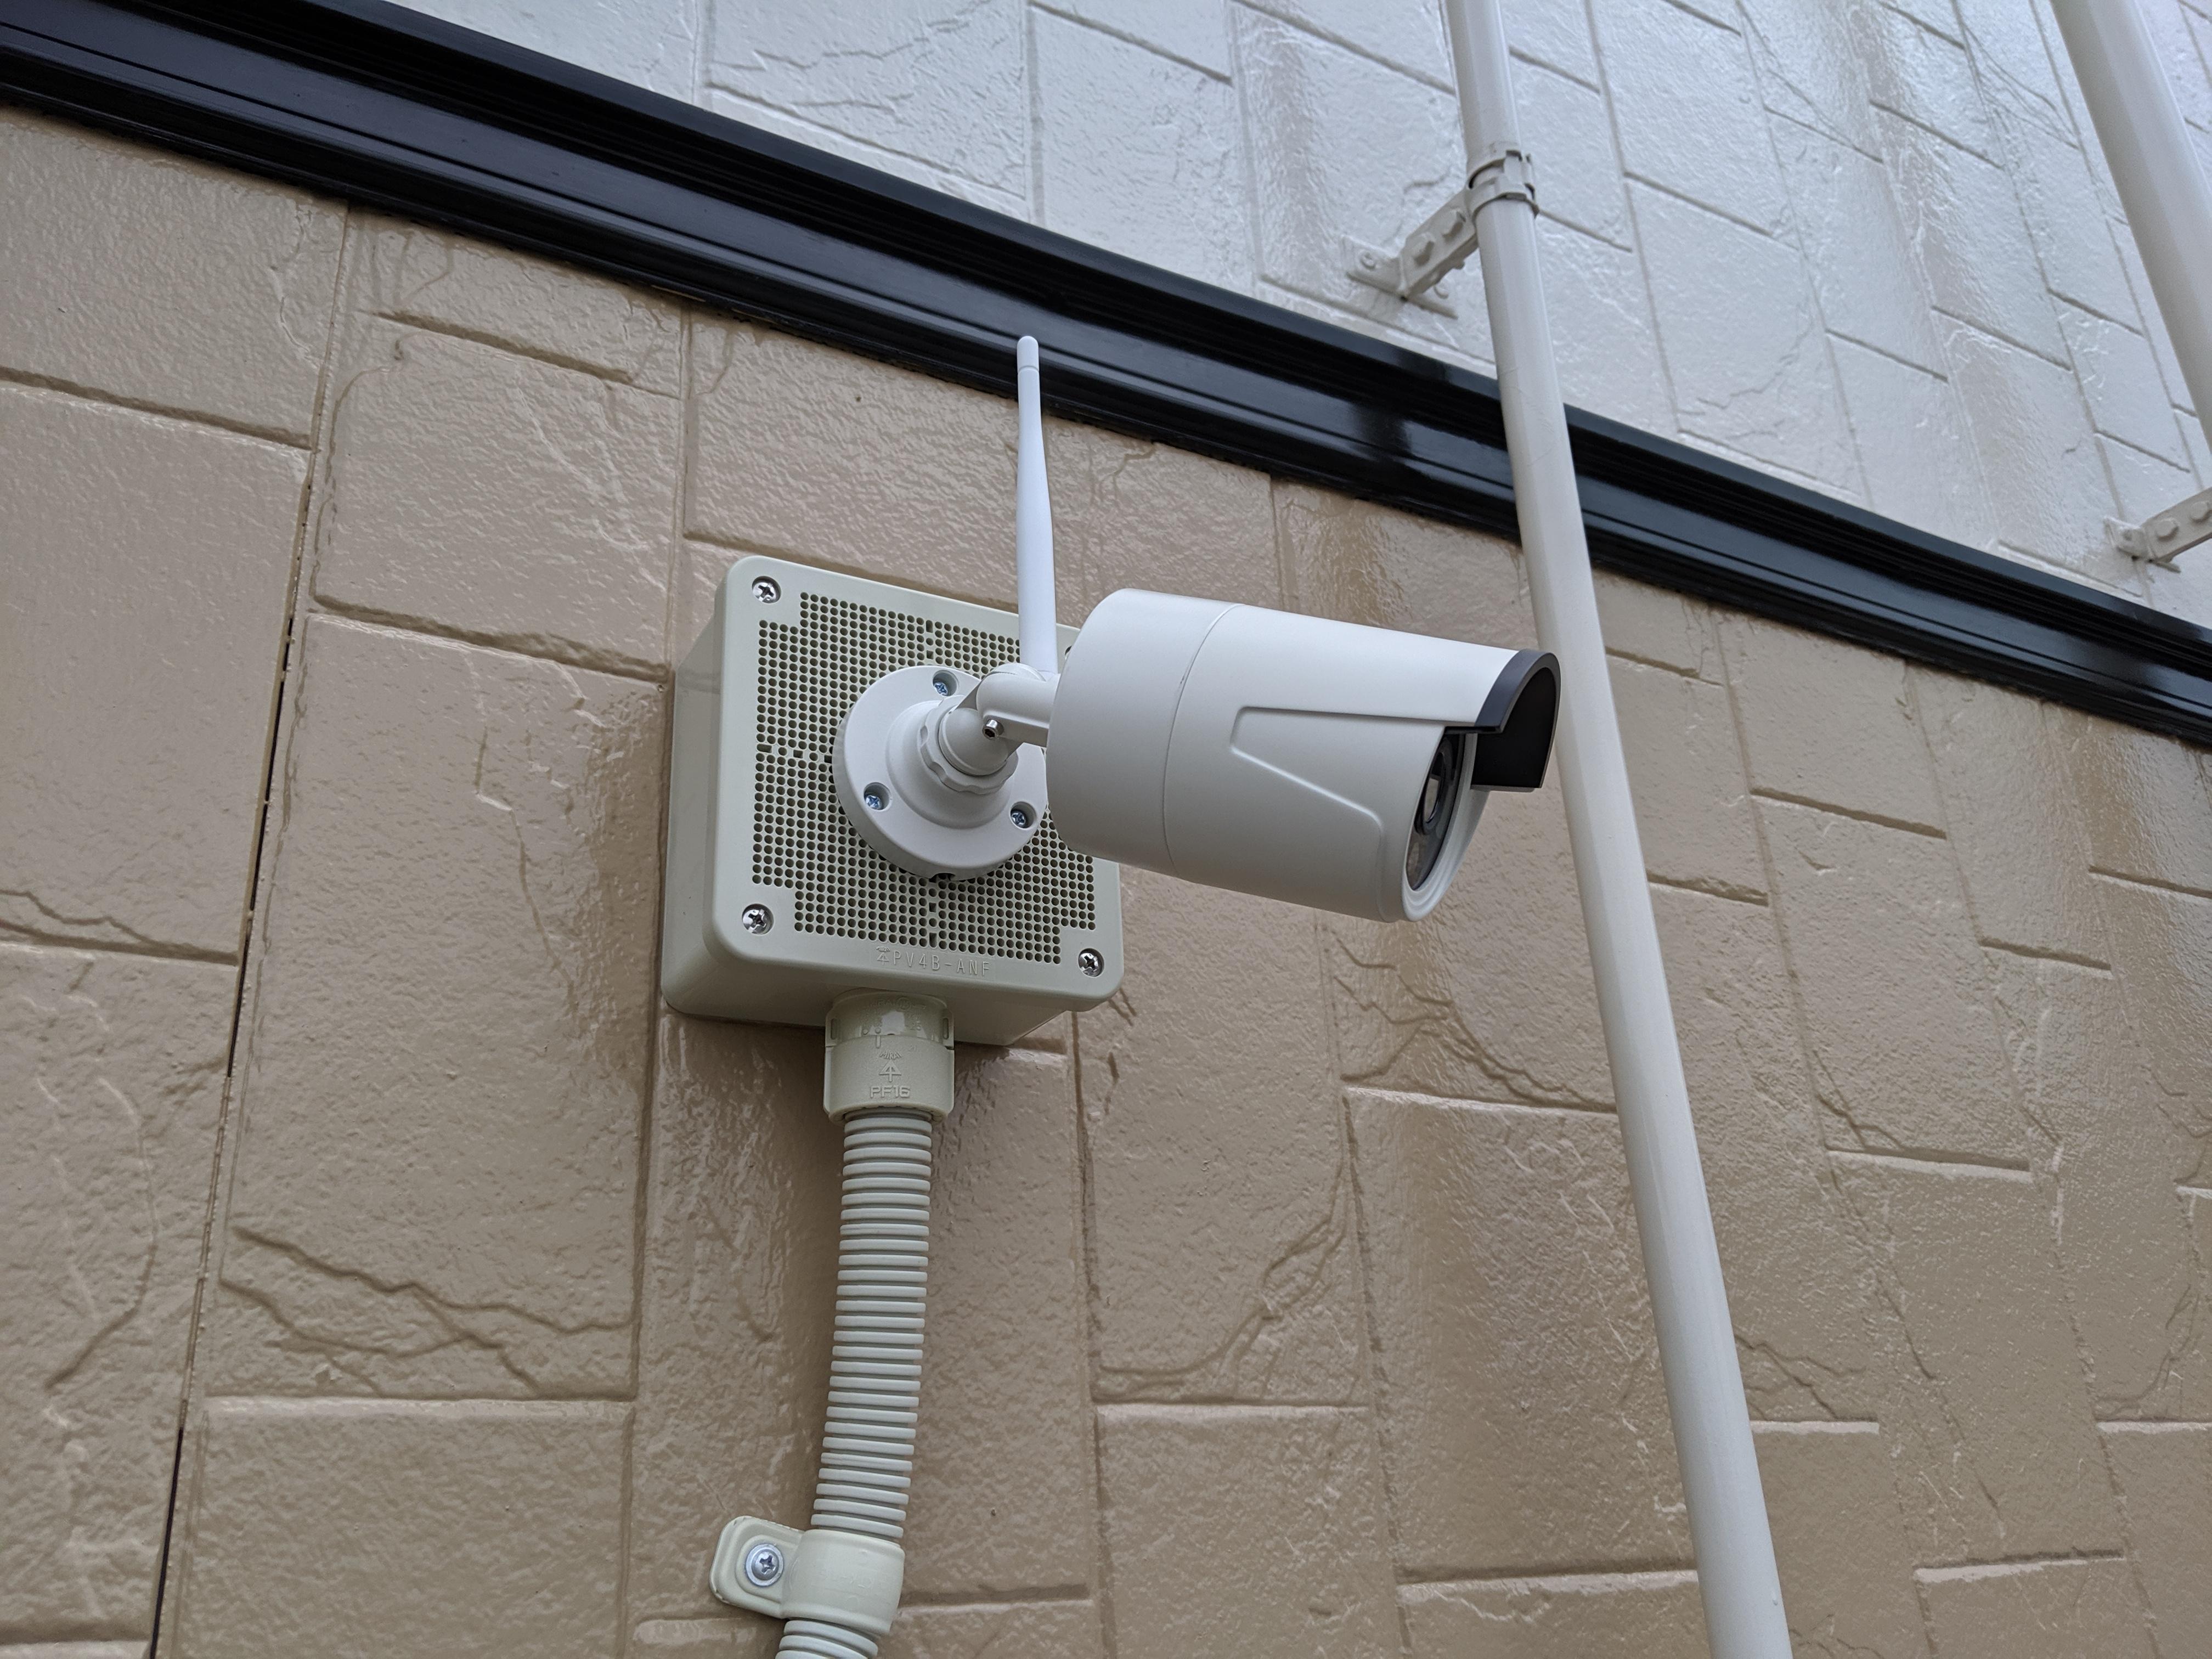 監視したい場所にカメラを設置